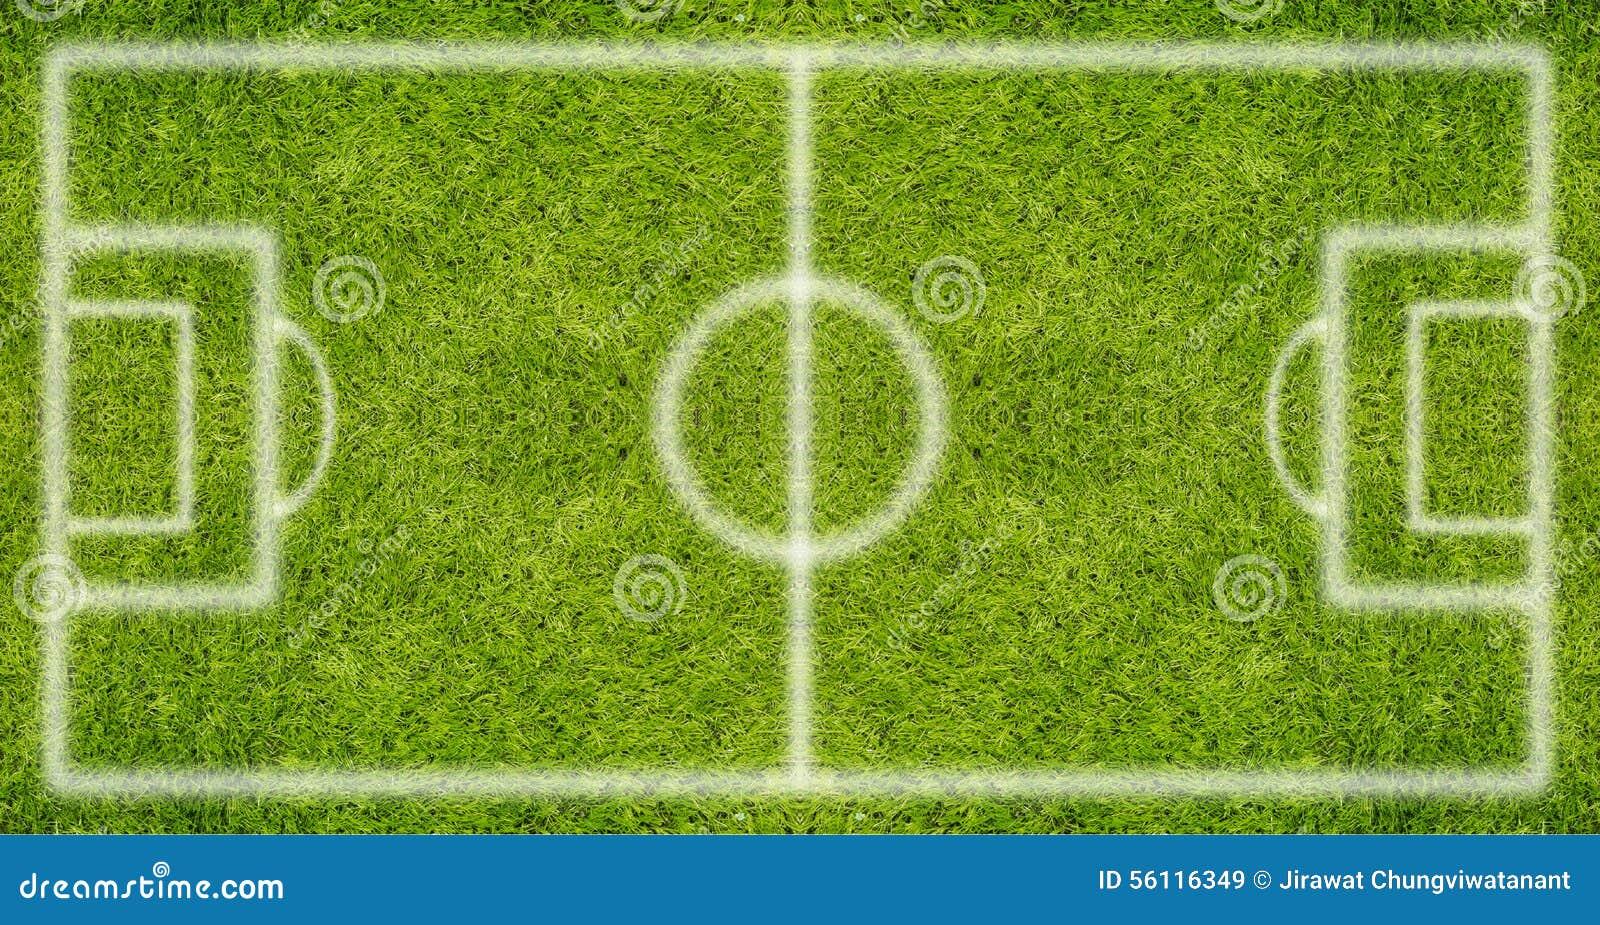 πράσινη σύσταση χλόης ποδοσφαίρου πεδίων ανασκόπησης